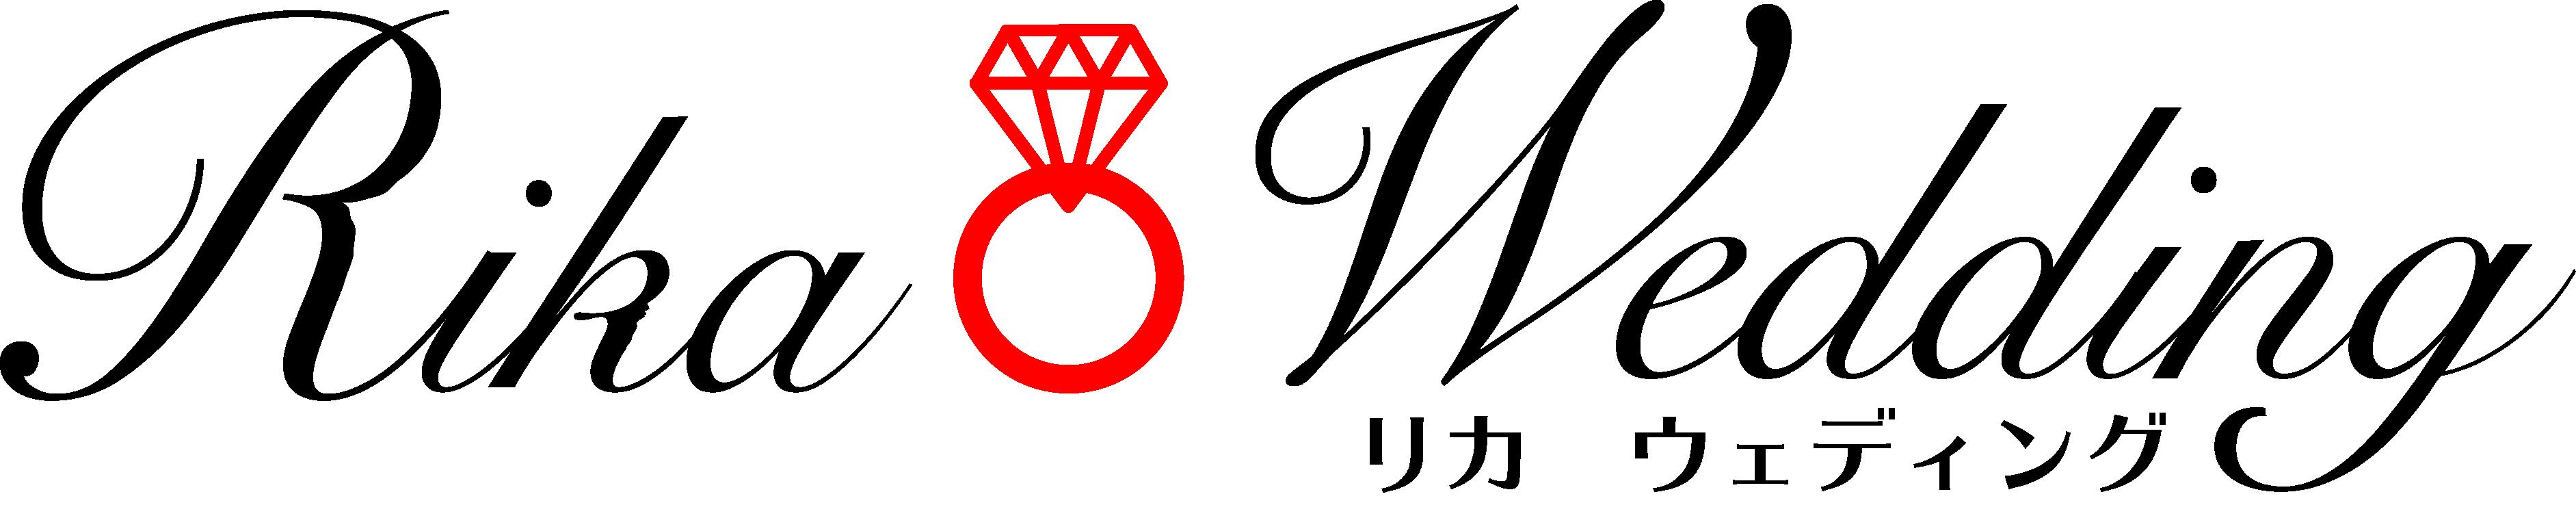 再婚・シニア婚のプロデュース【リカウェディング】